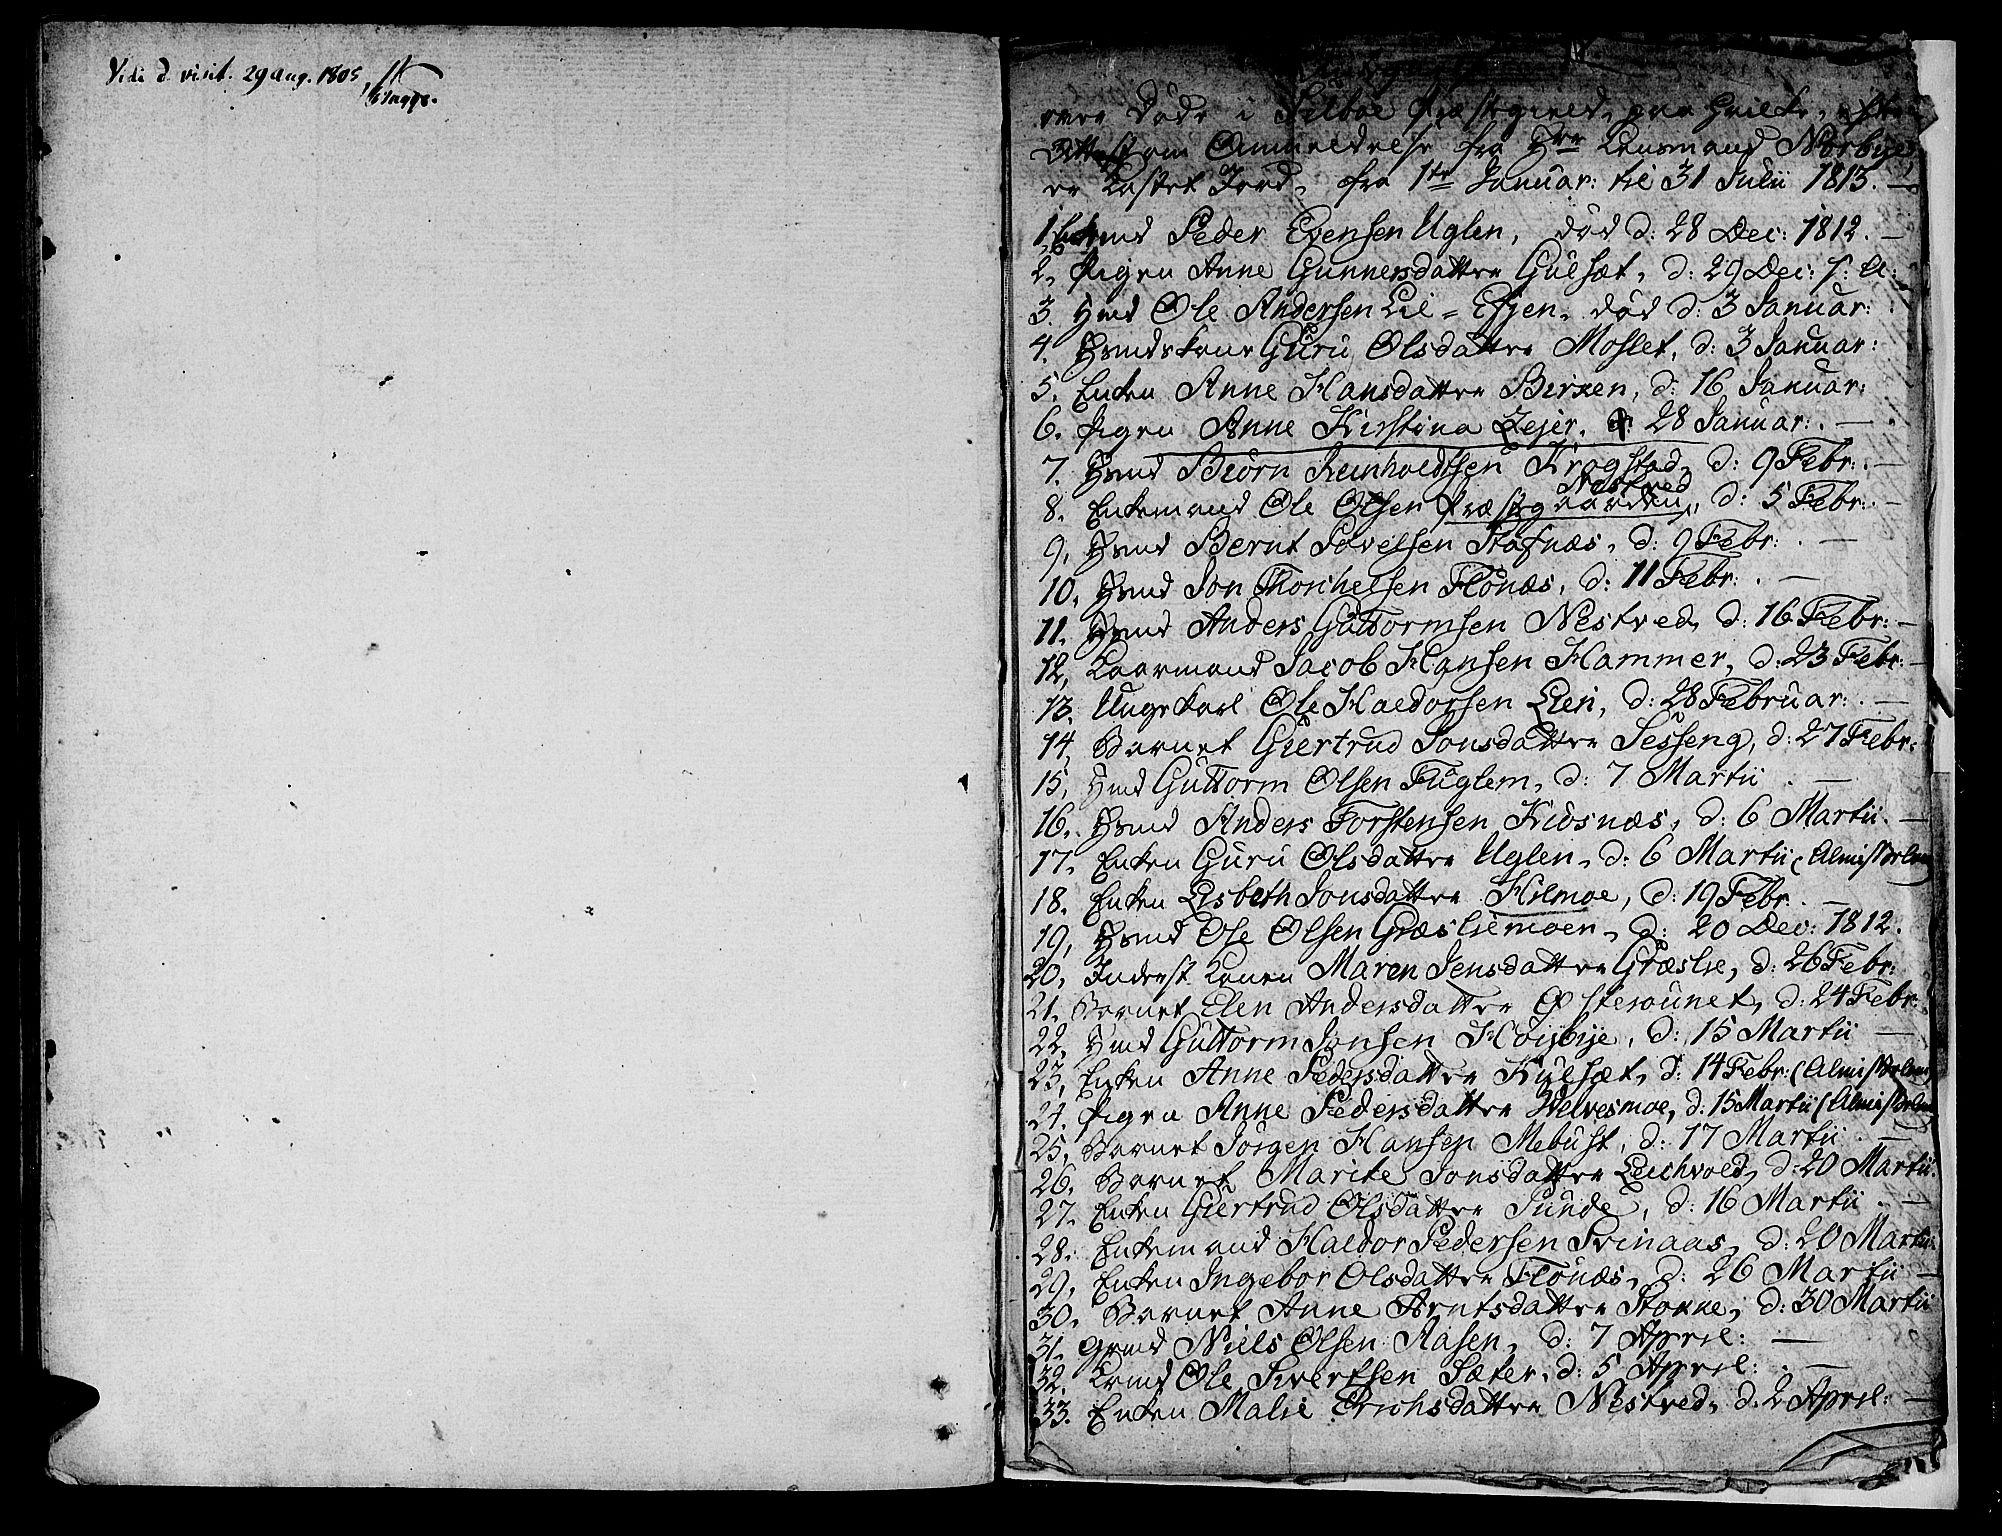 SAT, Ministerialprotokoller, klokkerbøker og fødselsregistre - Sør-Trøndelag, 695/L1140: Ministerialbok nr. 695A03, 1801-1815